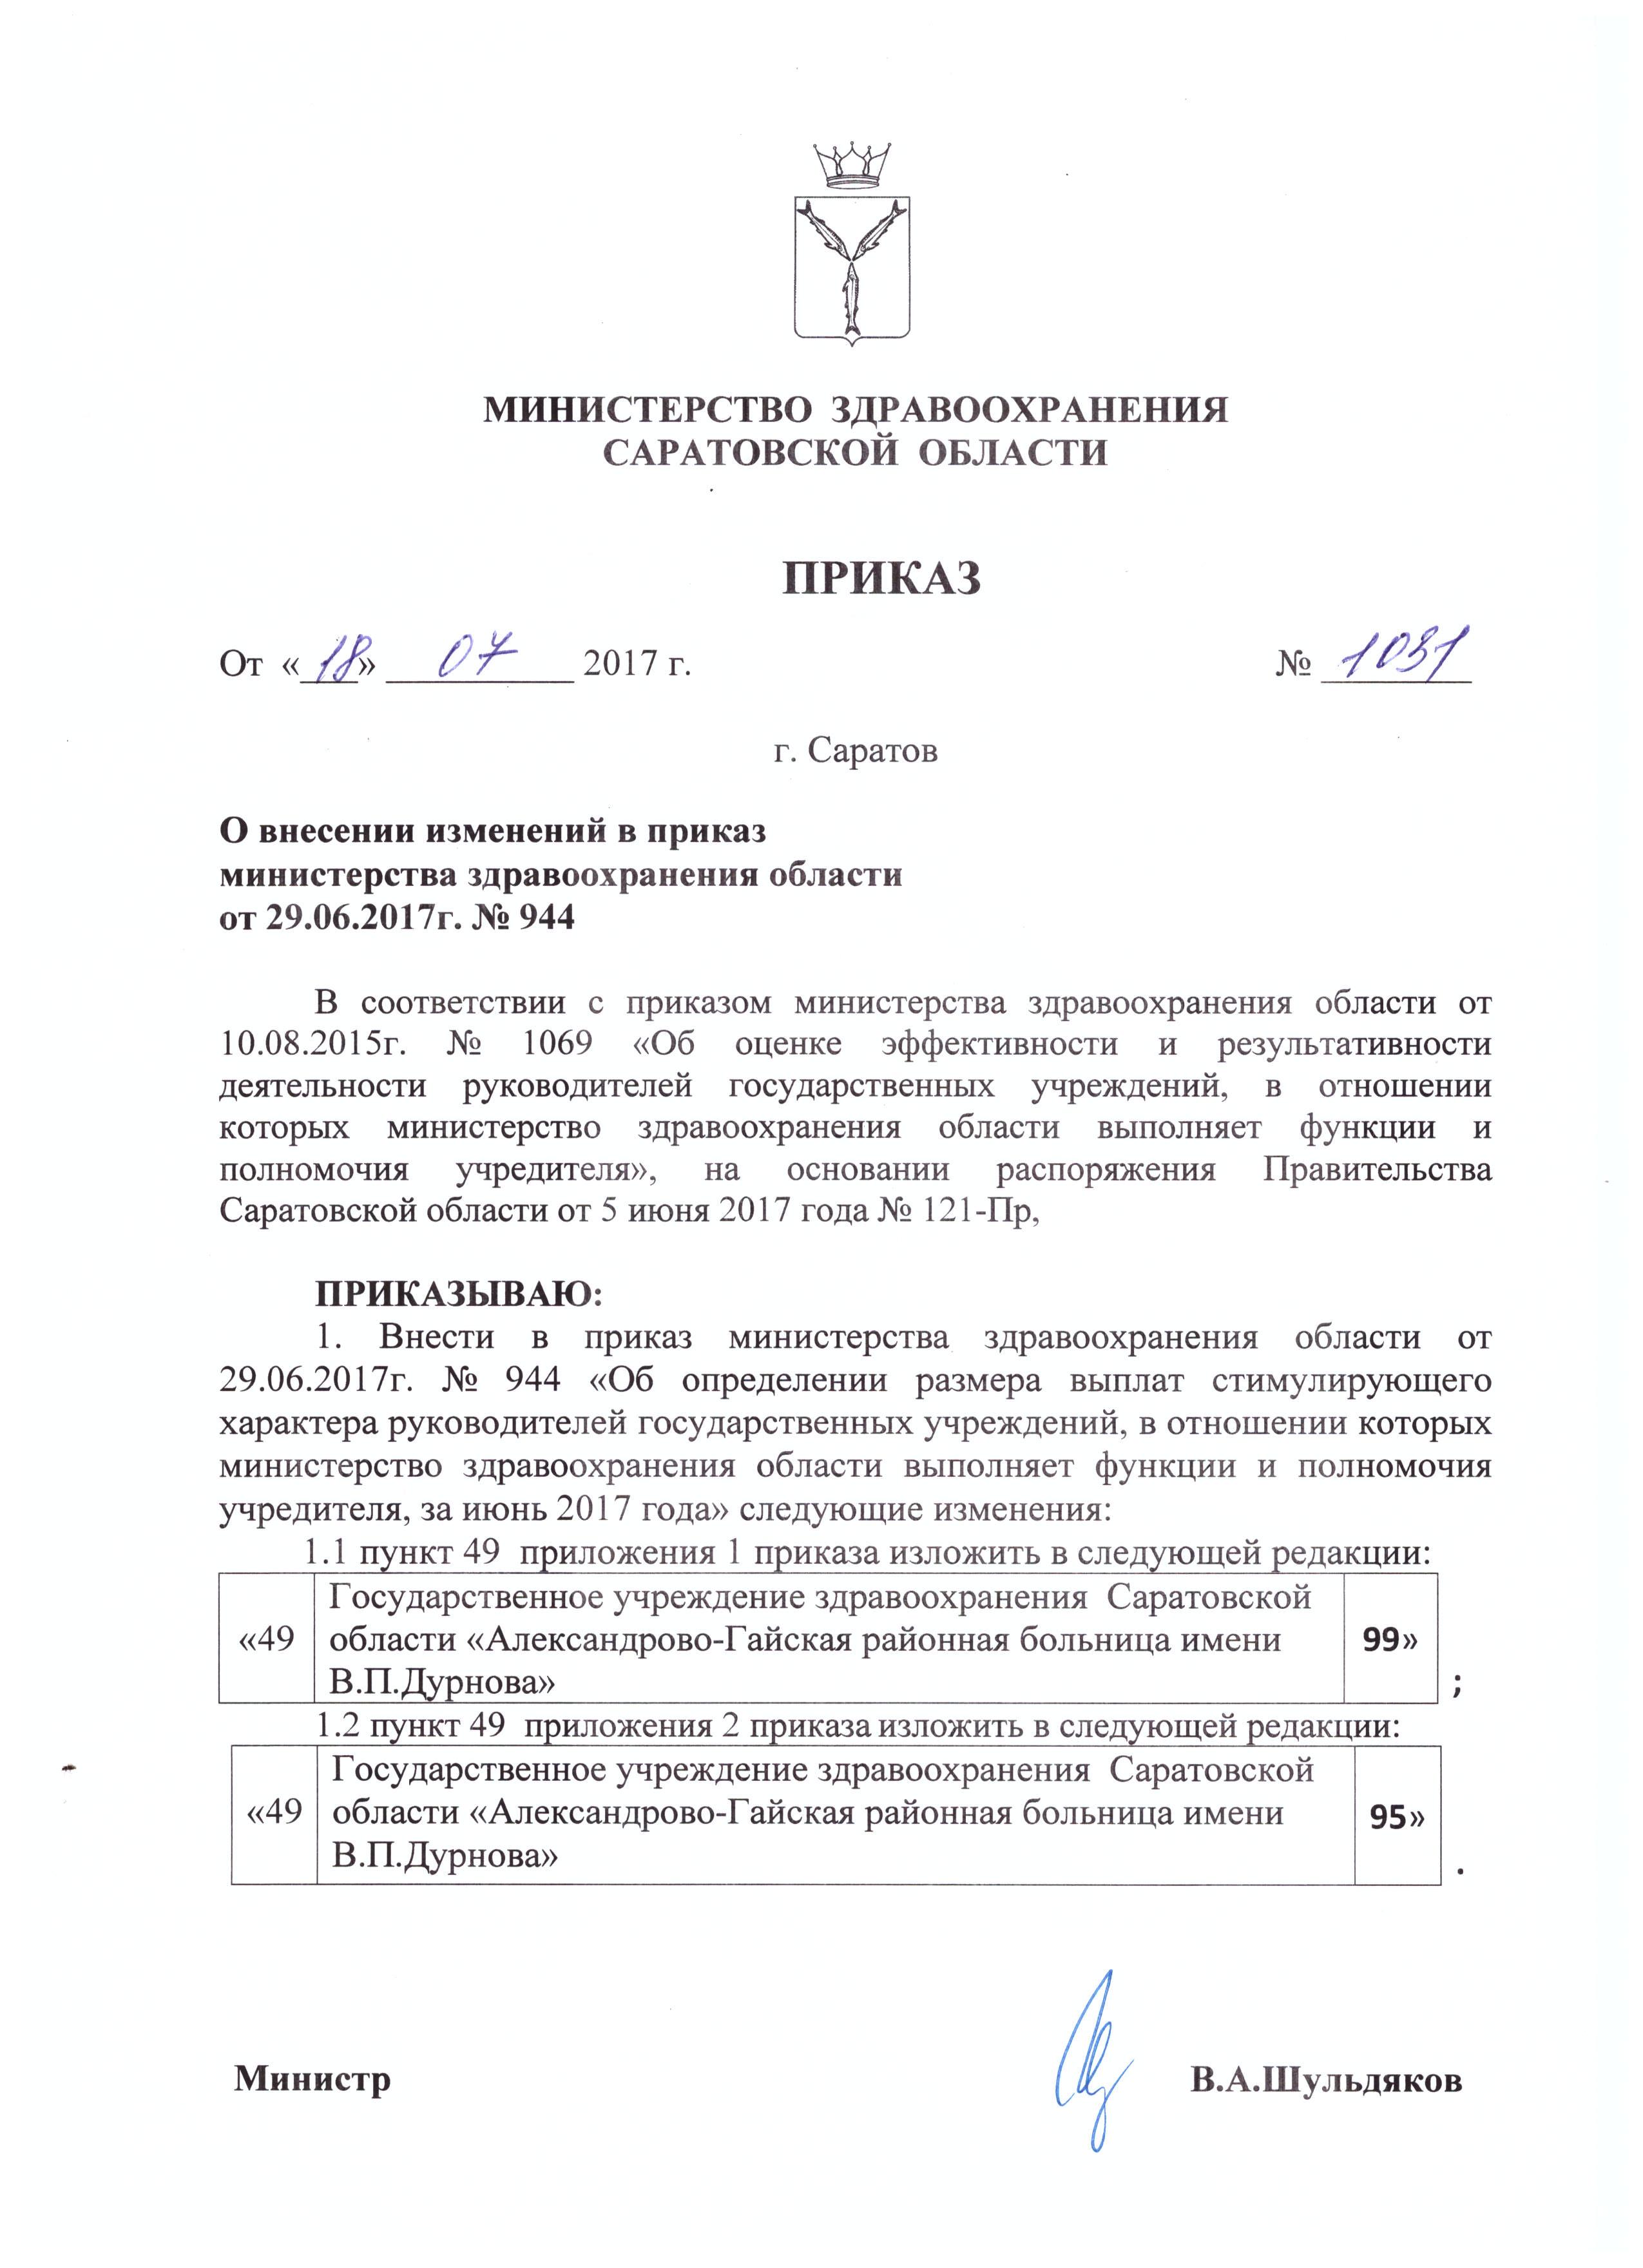 Приказ 1069 министерства здравоохранения саратовской области